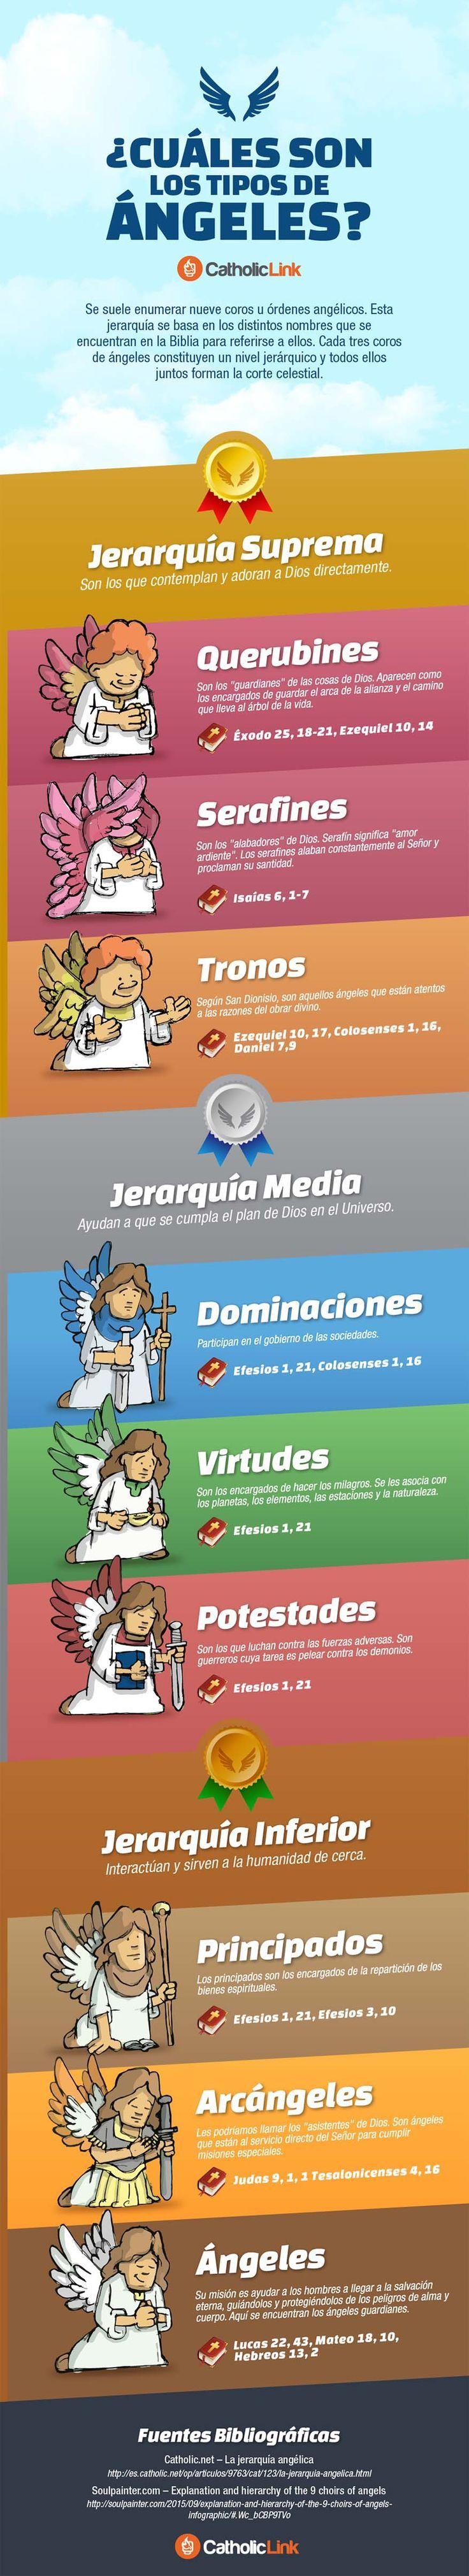 (Infografía) ¿Sabes cuántos tipos de ángeles hay en el cielo? #infografias #infographic